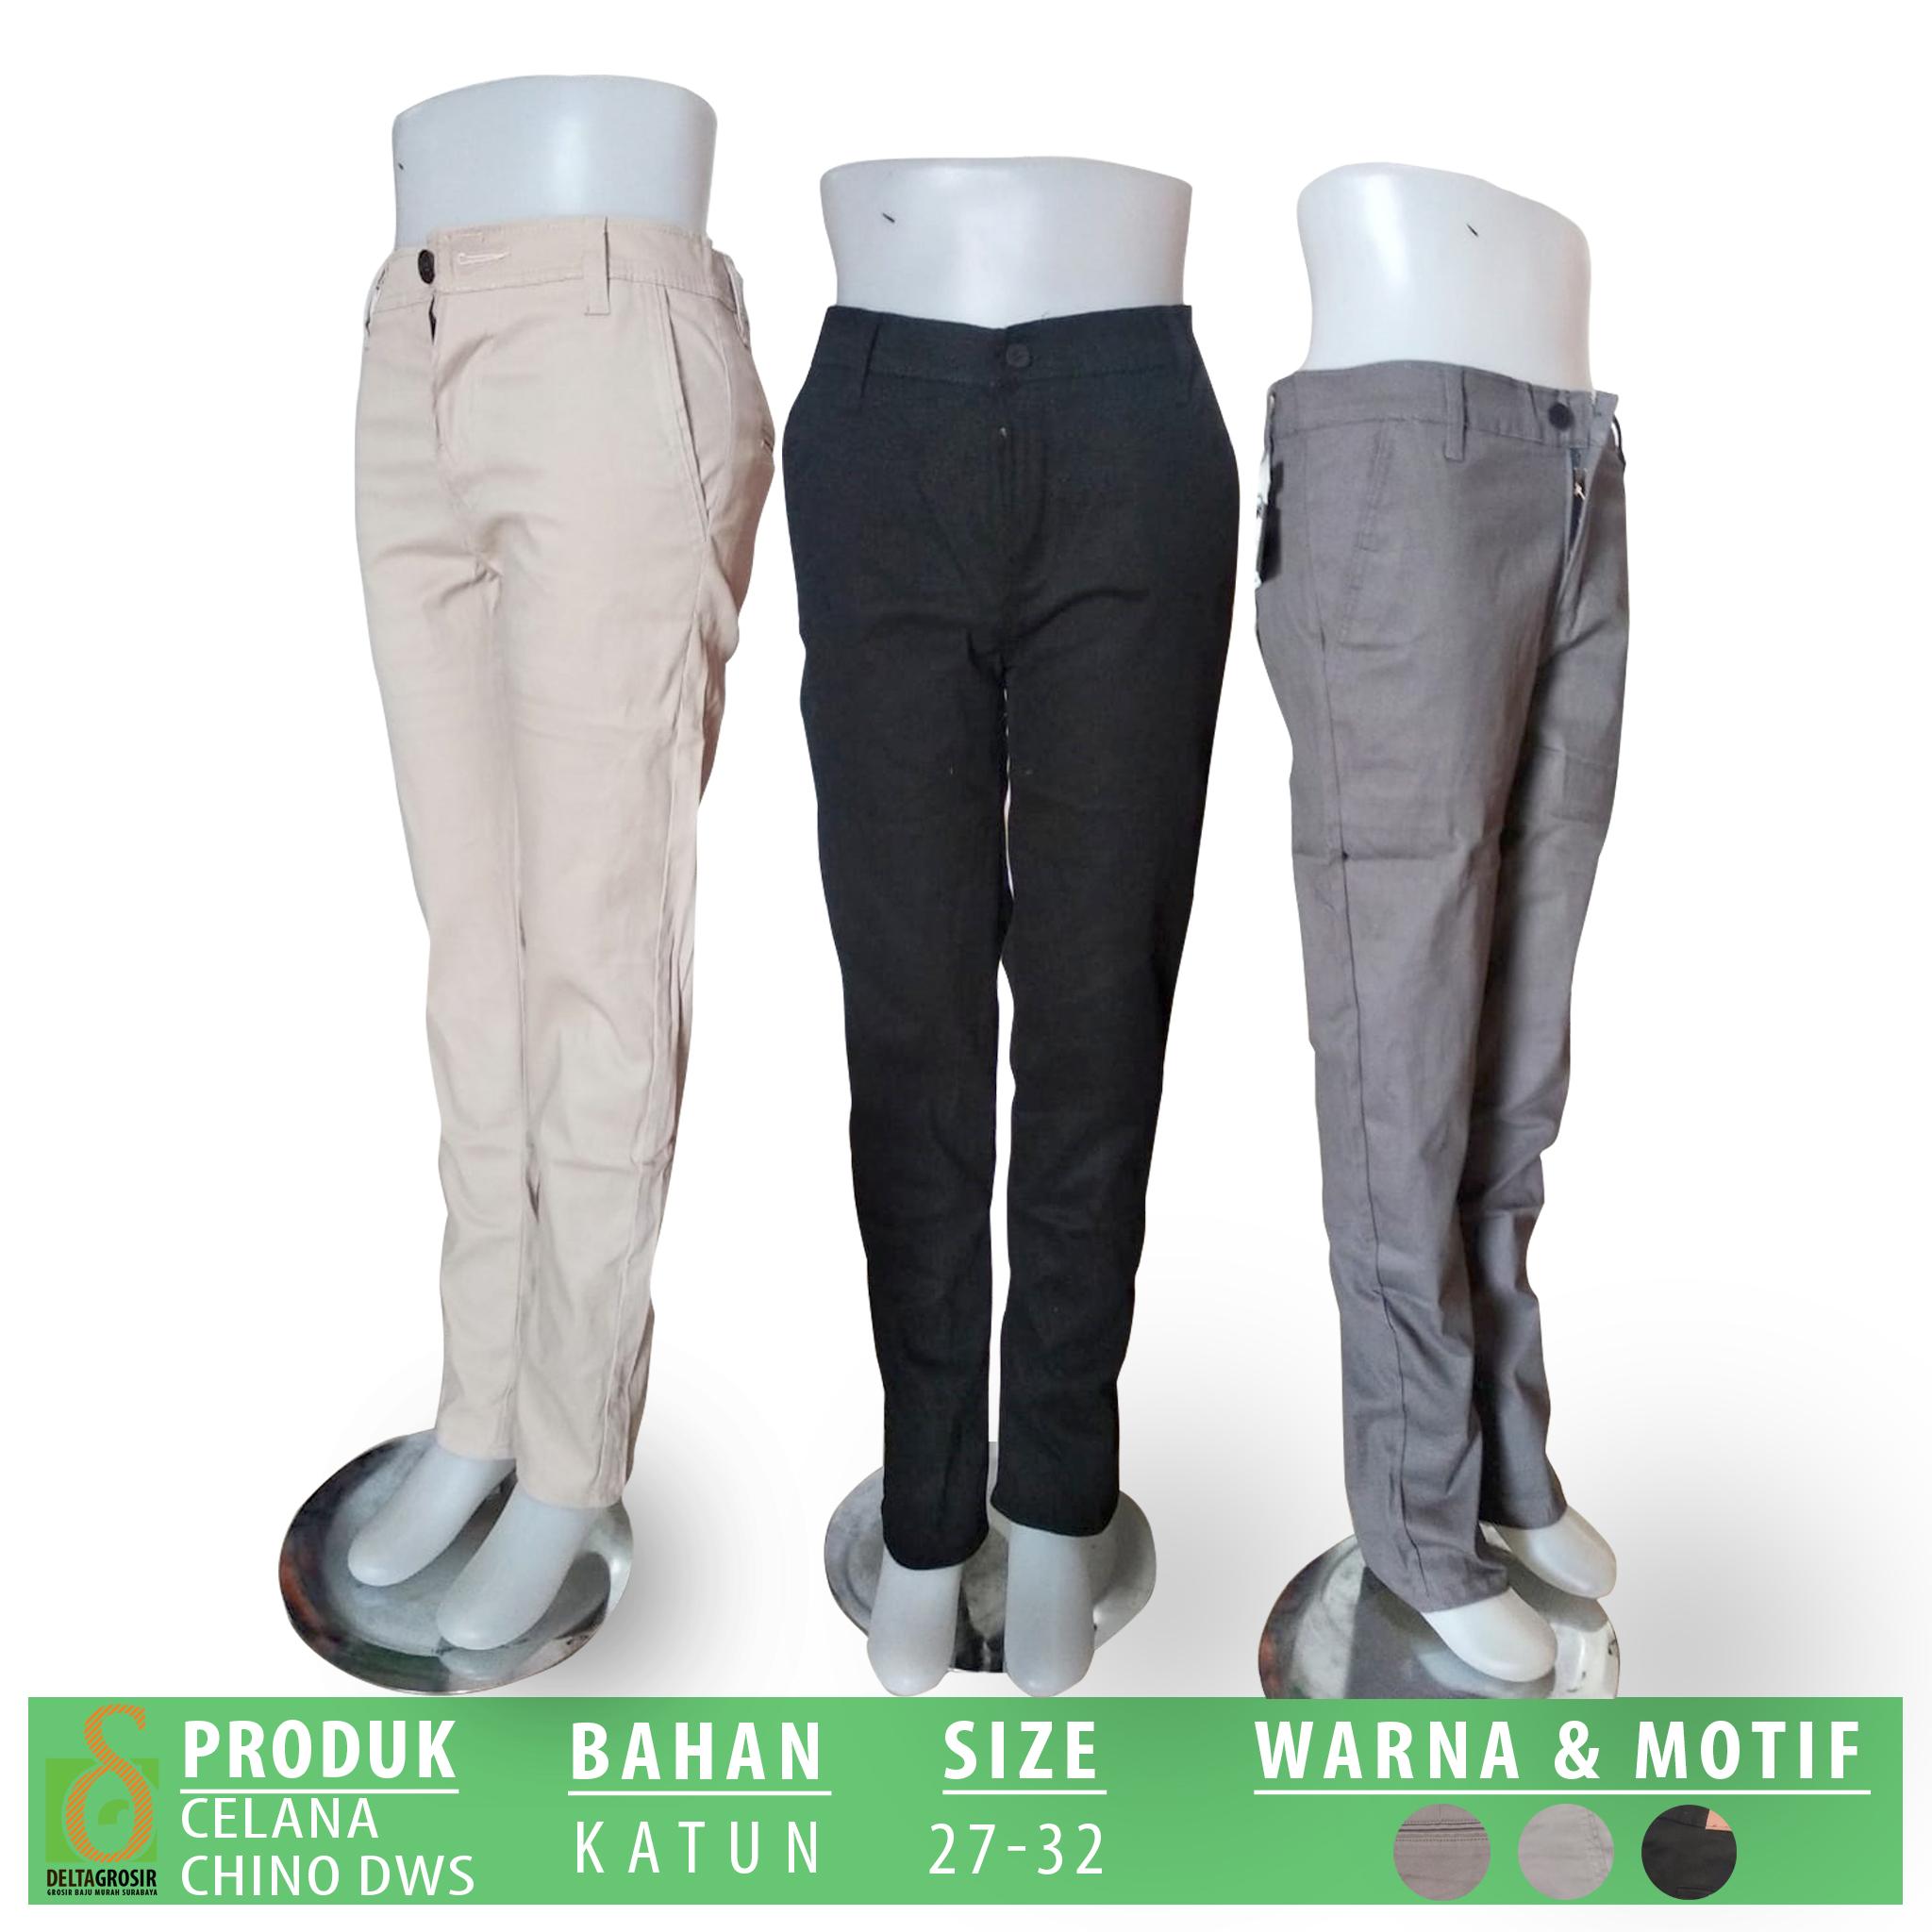 Distributor Celana Chino Dewasa Murah 55ribuan